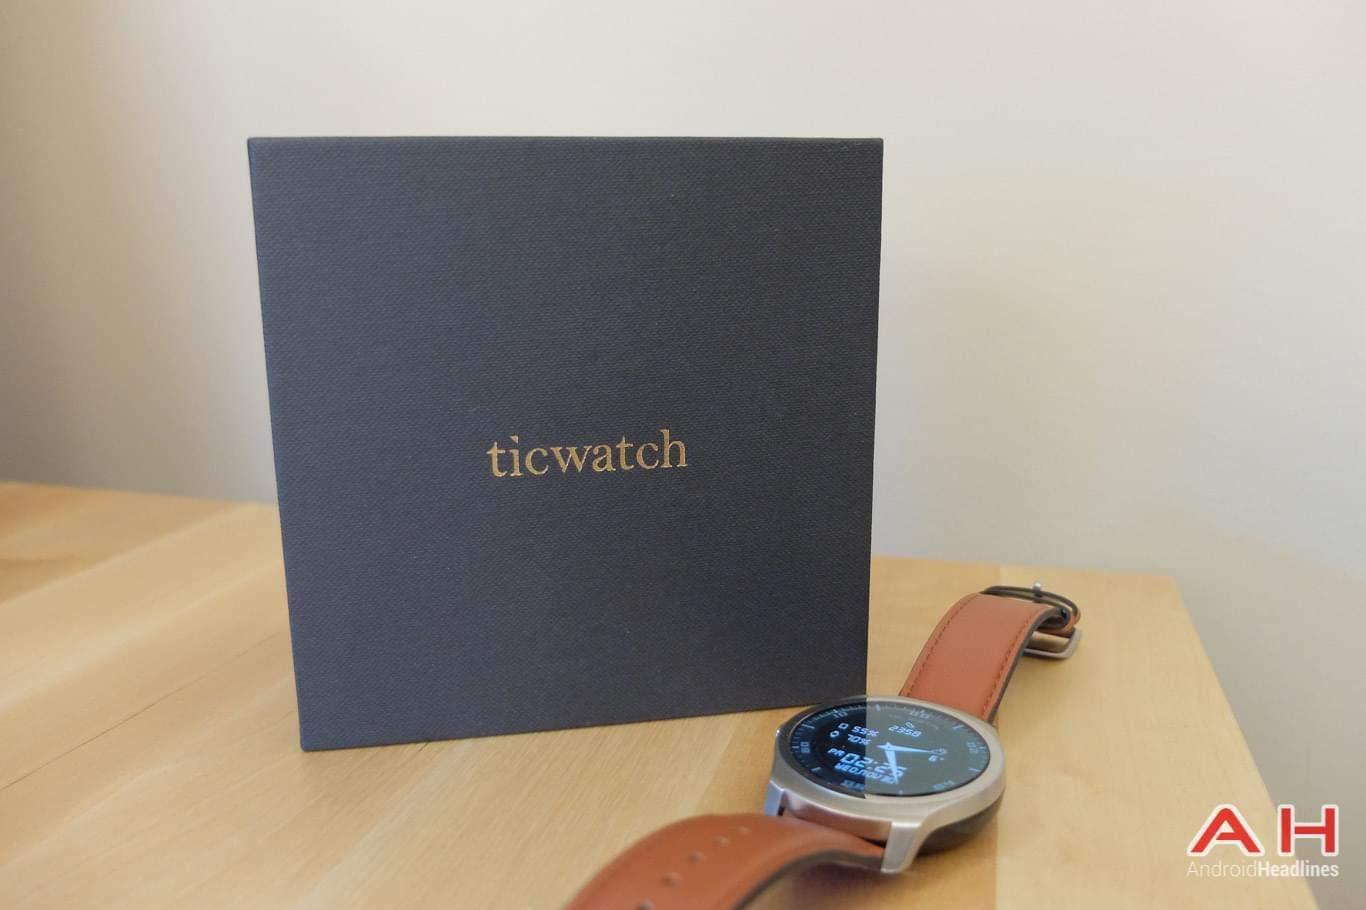 ticwatch-2-ah-td-28